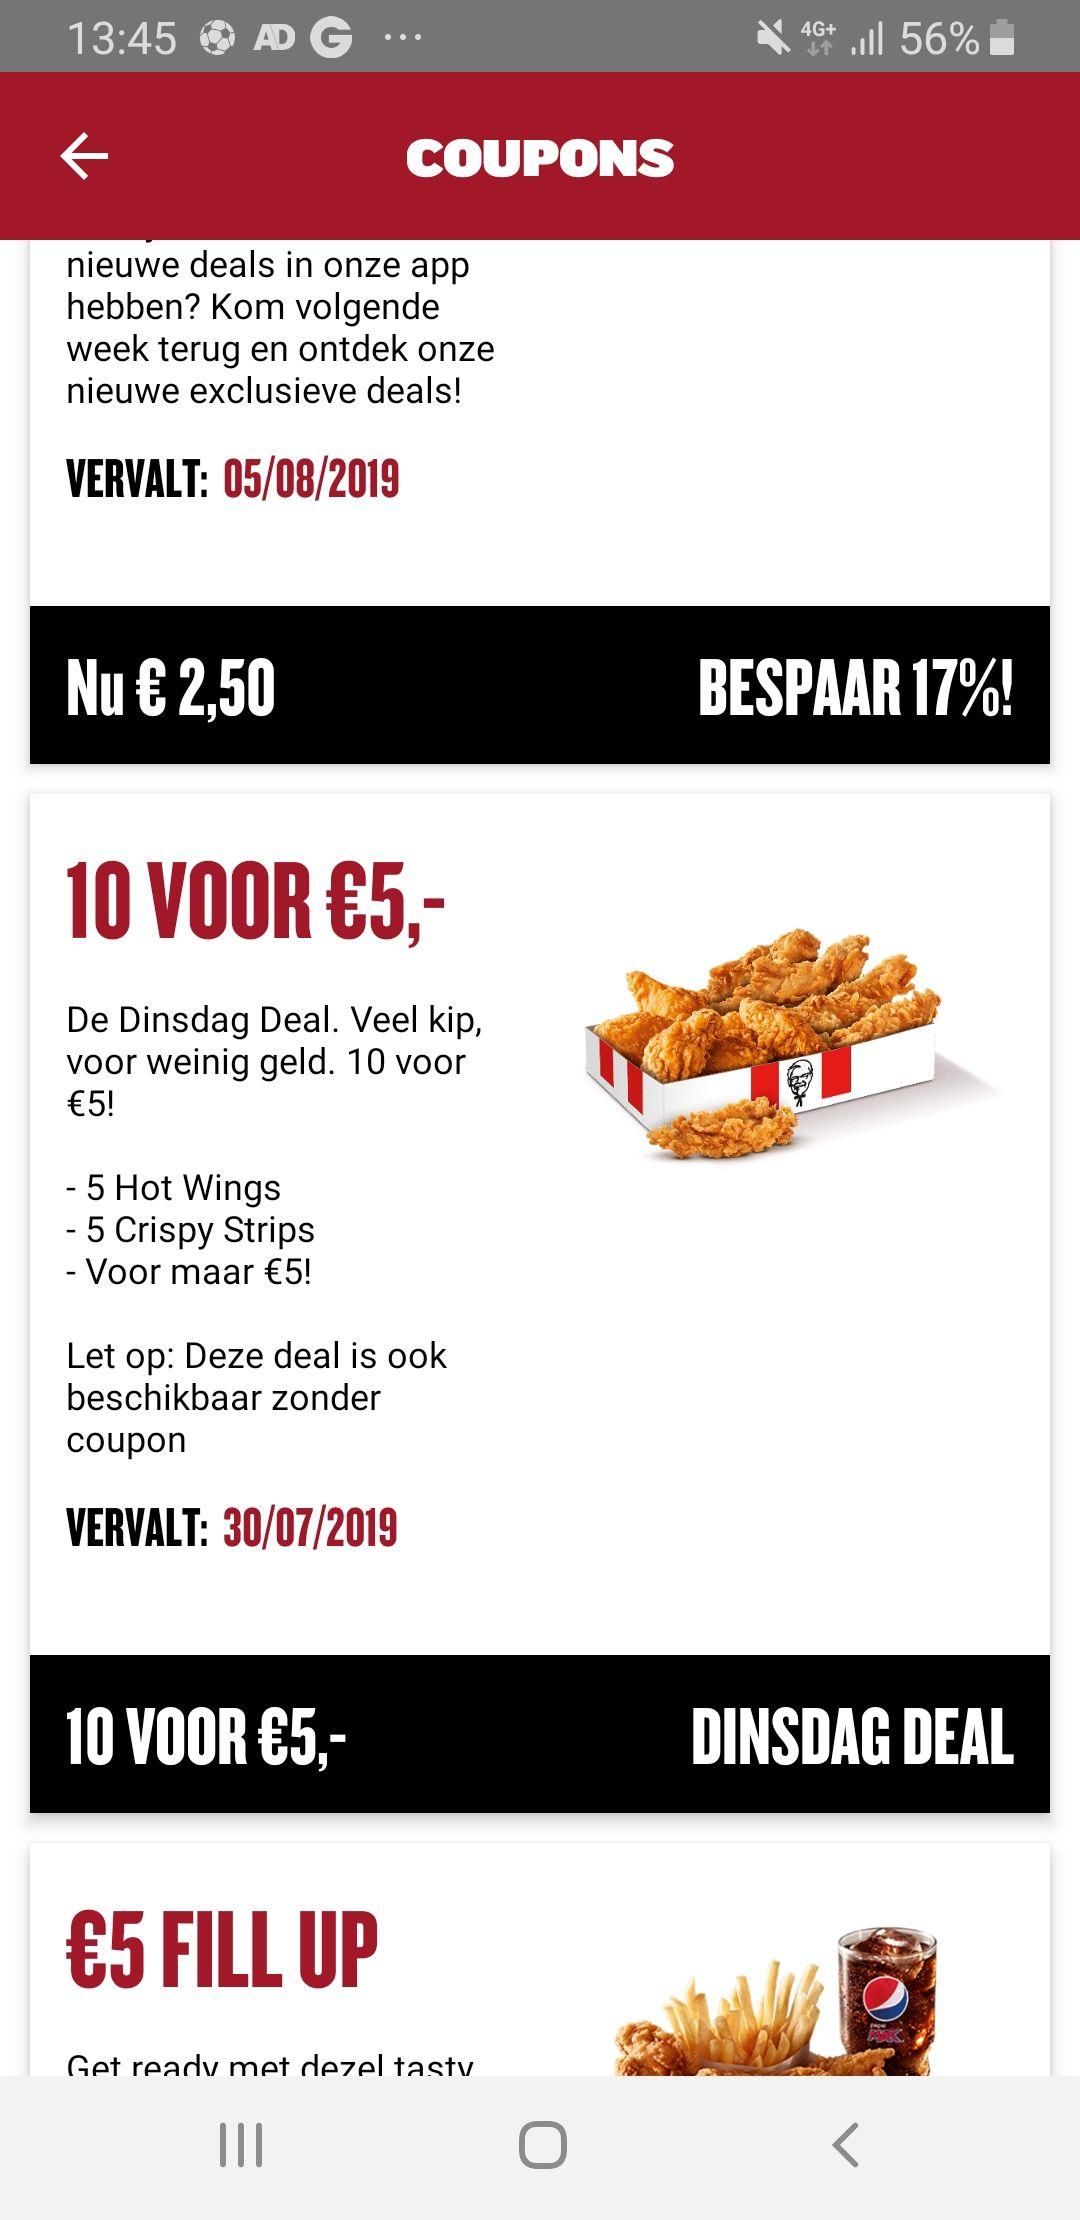 Nieuwe dinsdagdeal 5 chickenstrips en 5 hotwings voor 5€ en andere coupons